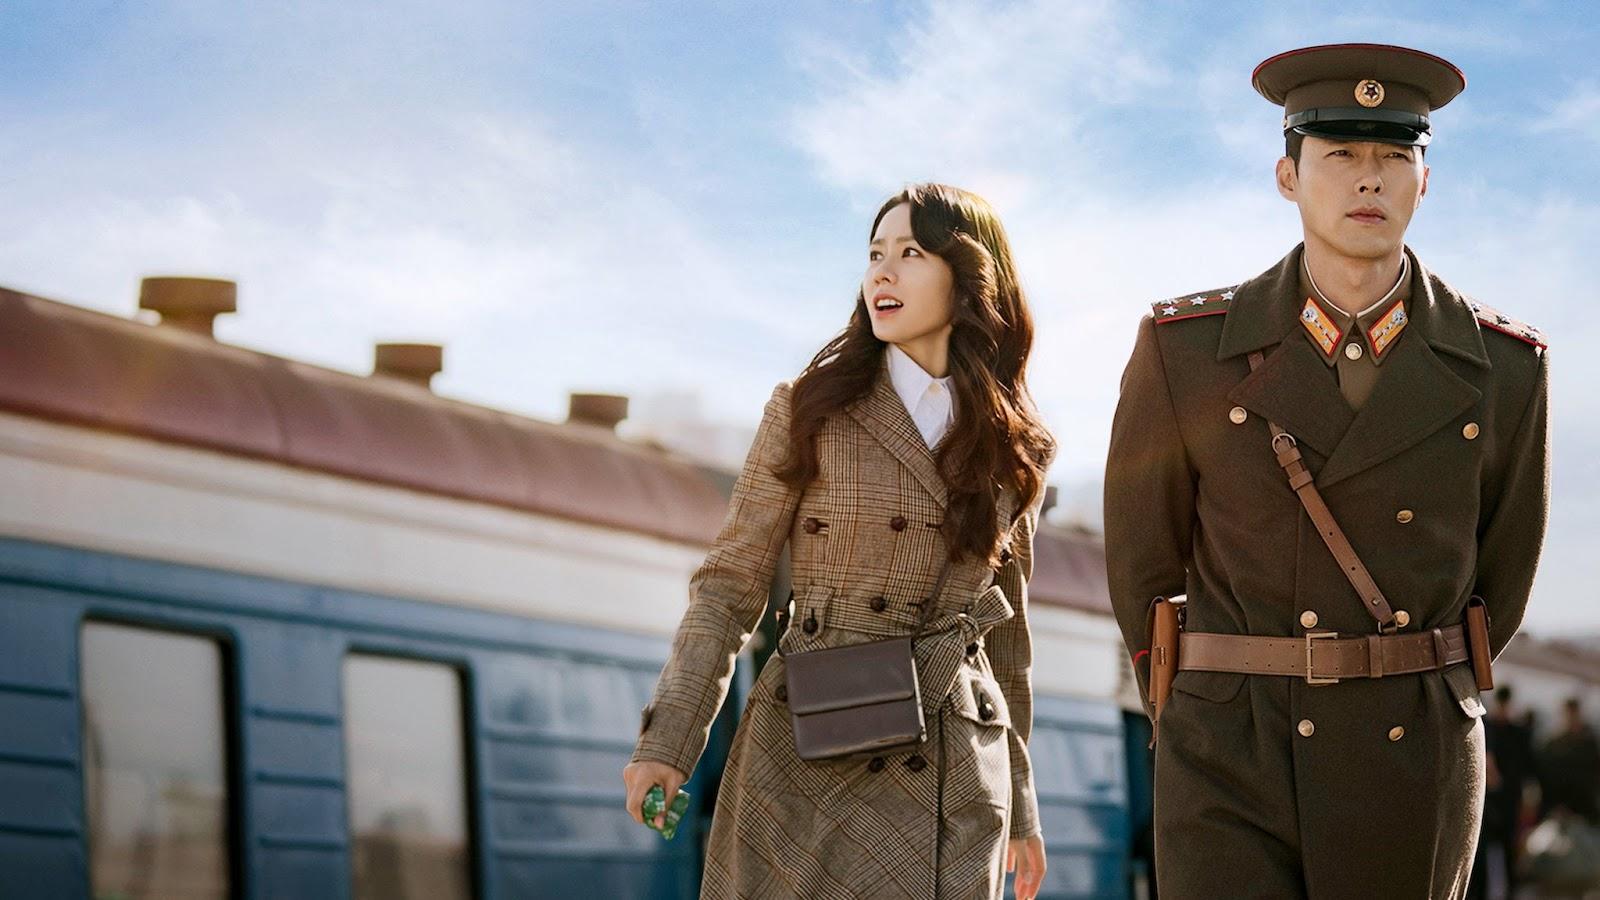 Imagem exibindo os protagonistas com um trem em segundo plano. Em primeiro plano, no centro, uma mulher sul-coreana olha o horizonte. À sua direita, um militar norte-coreano fardado olha para a frente.